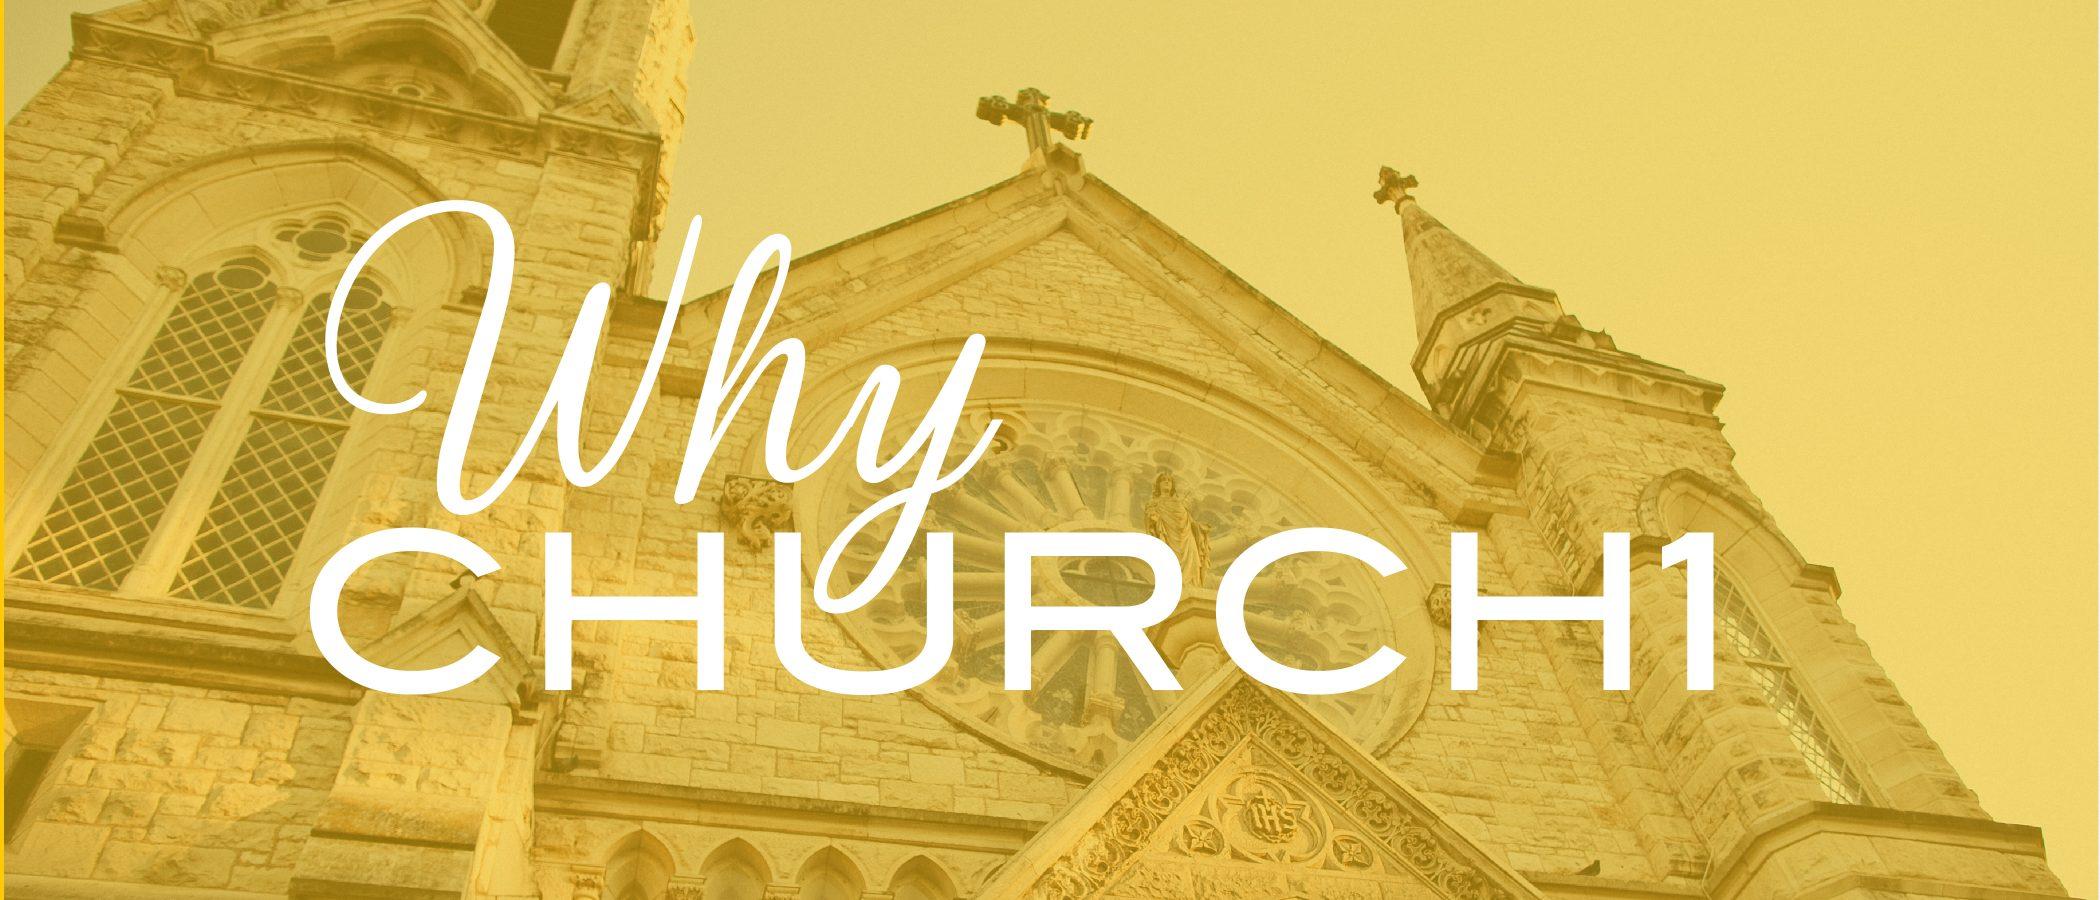 why-church-series-dq11brd-dq2021_why-church1-web-banner2x-100